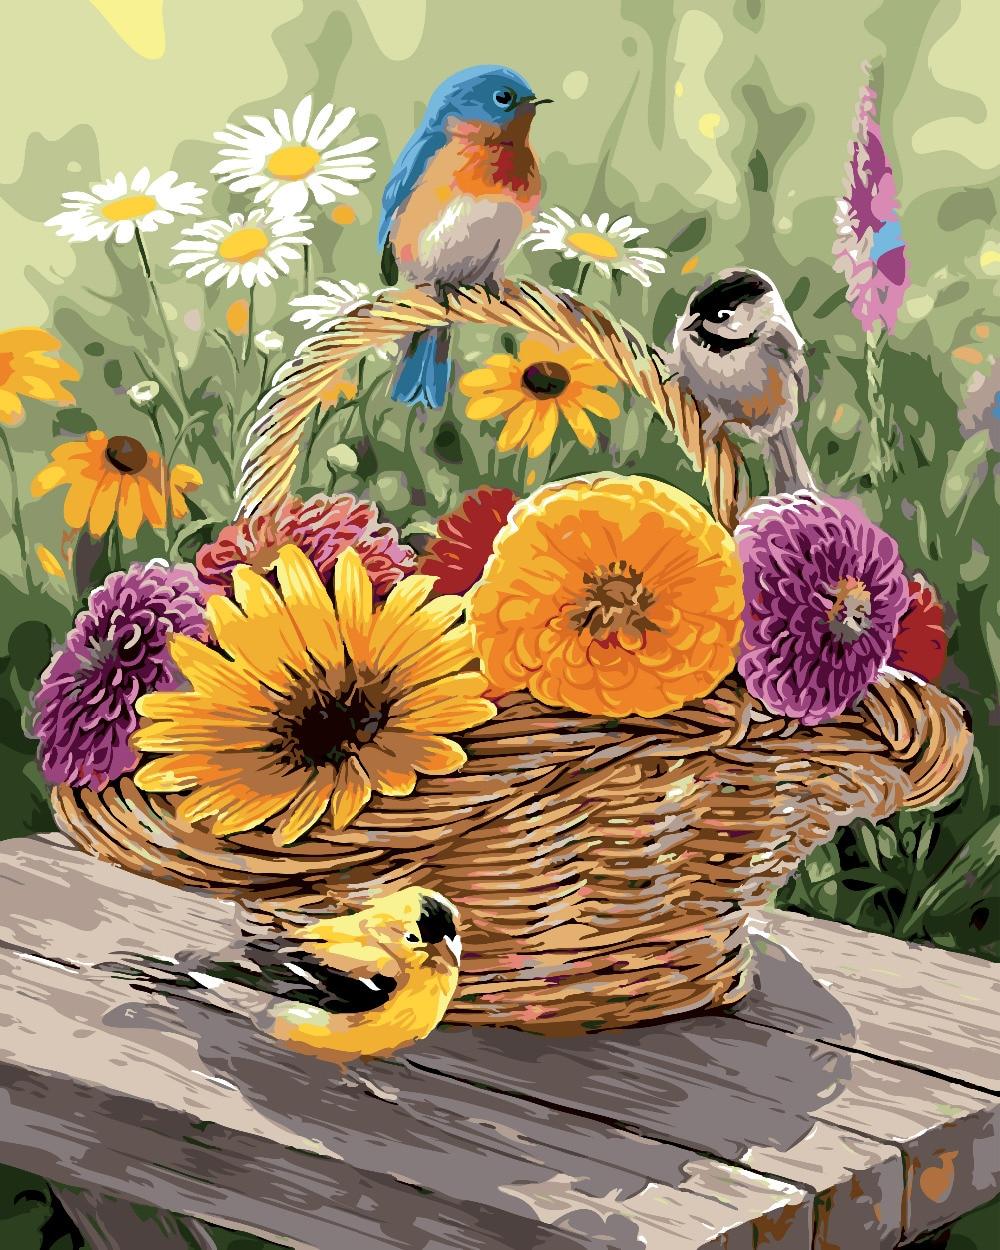 Aves y flor pintura al óleo de dibujo por números decoración del ...